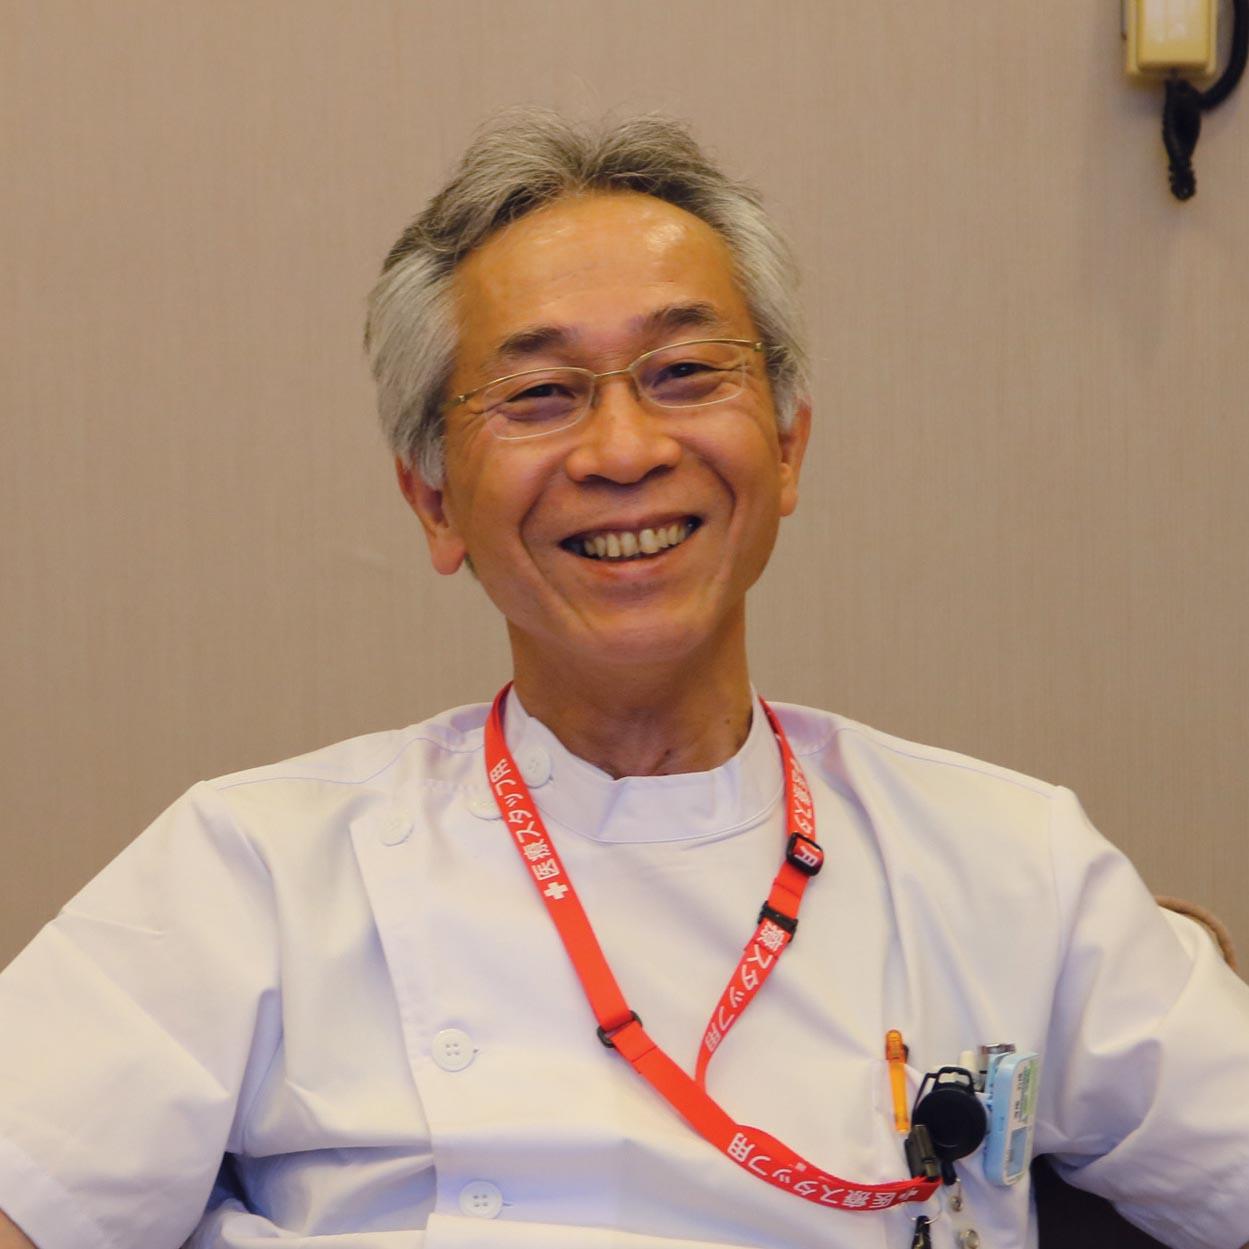 働き方改革を進めながら、地域医療の発展に貢献